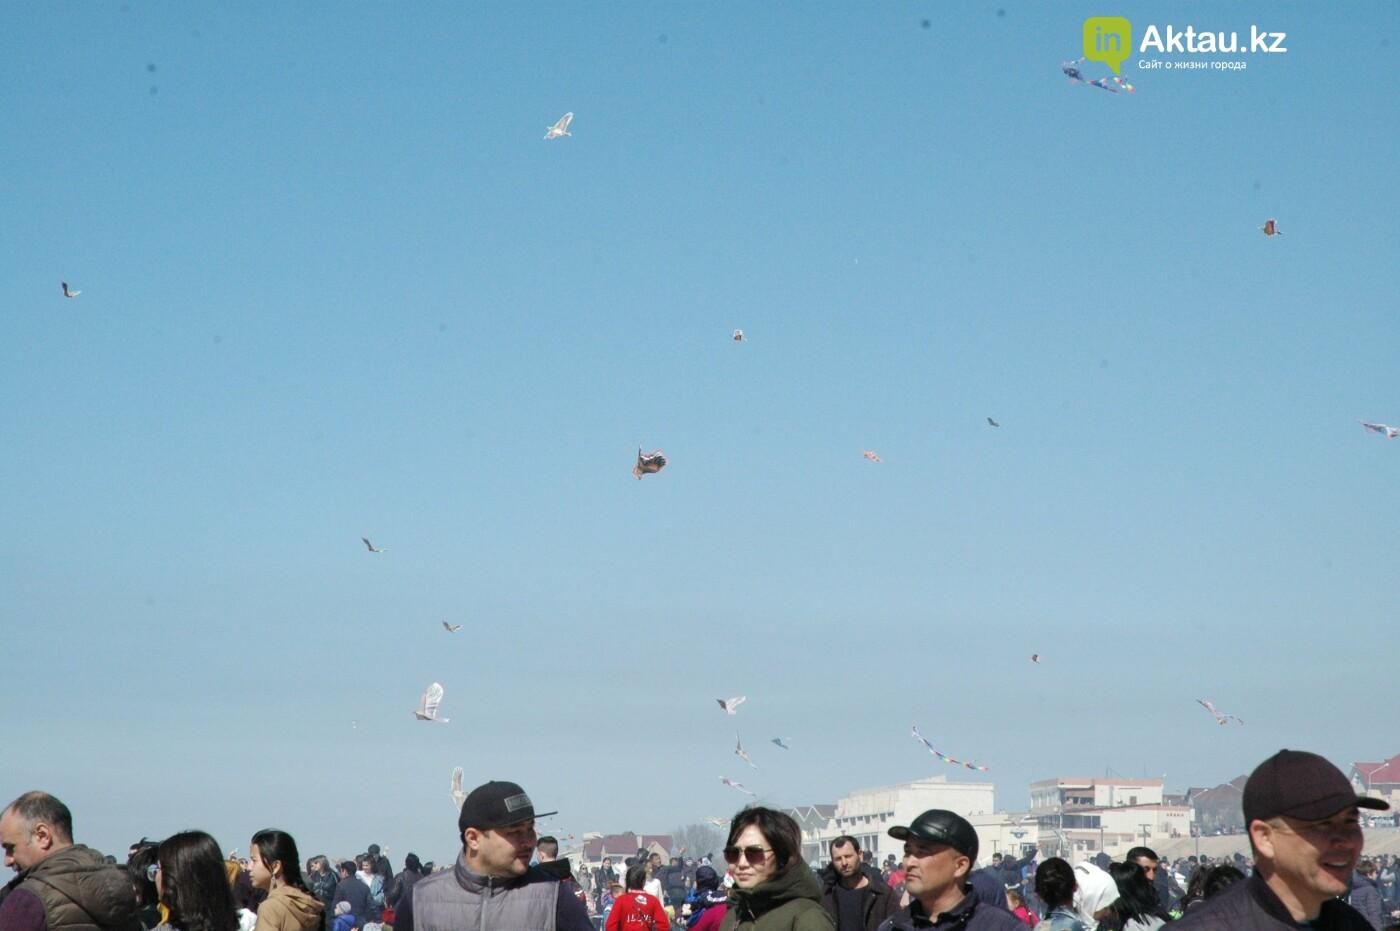 Актау празднует Наурыз мейрамы (ФОТО), фото-22